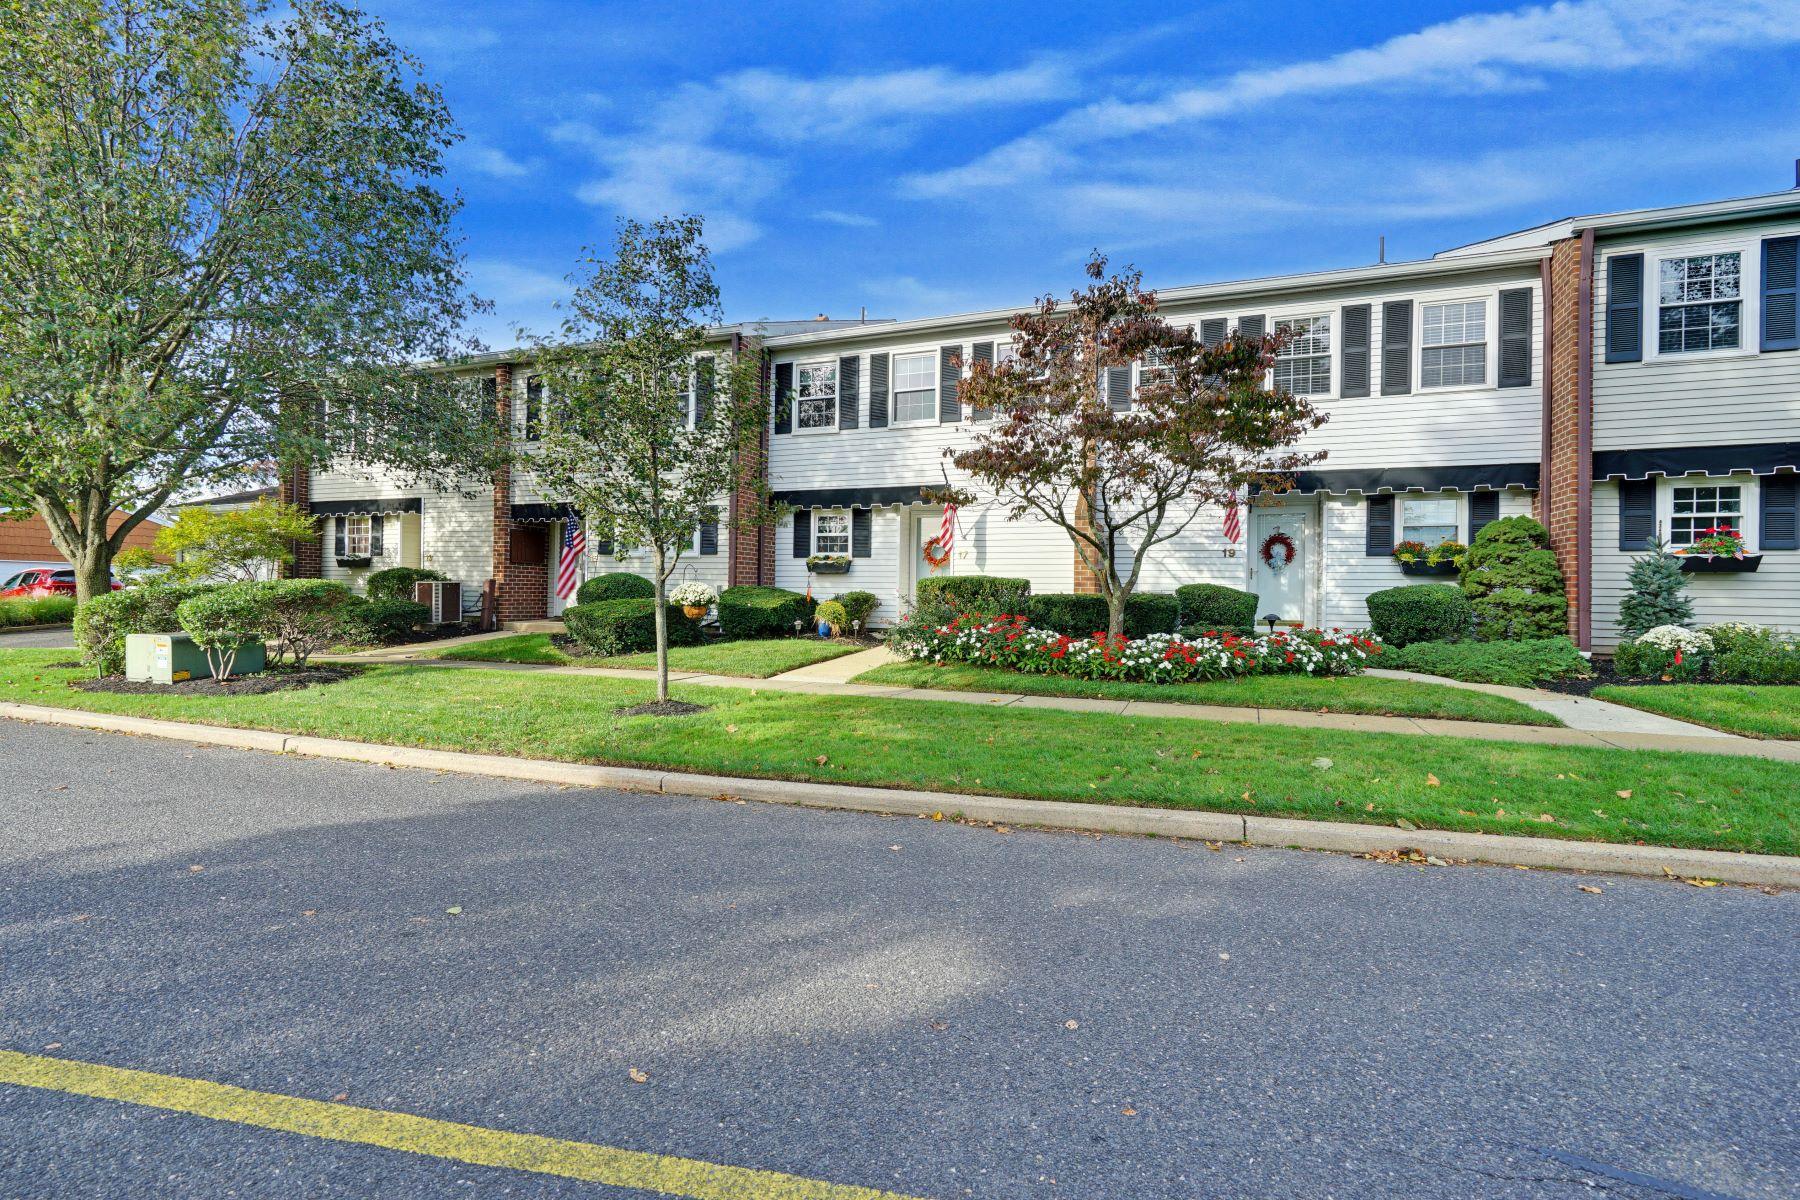 Кондоминиум для того Продажа на Luxurious on Linden 17 Linden Drive, Spring Lake Heights, Нью-Джерси 07762 Соединенные Штаты